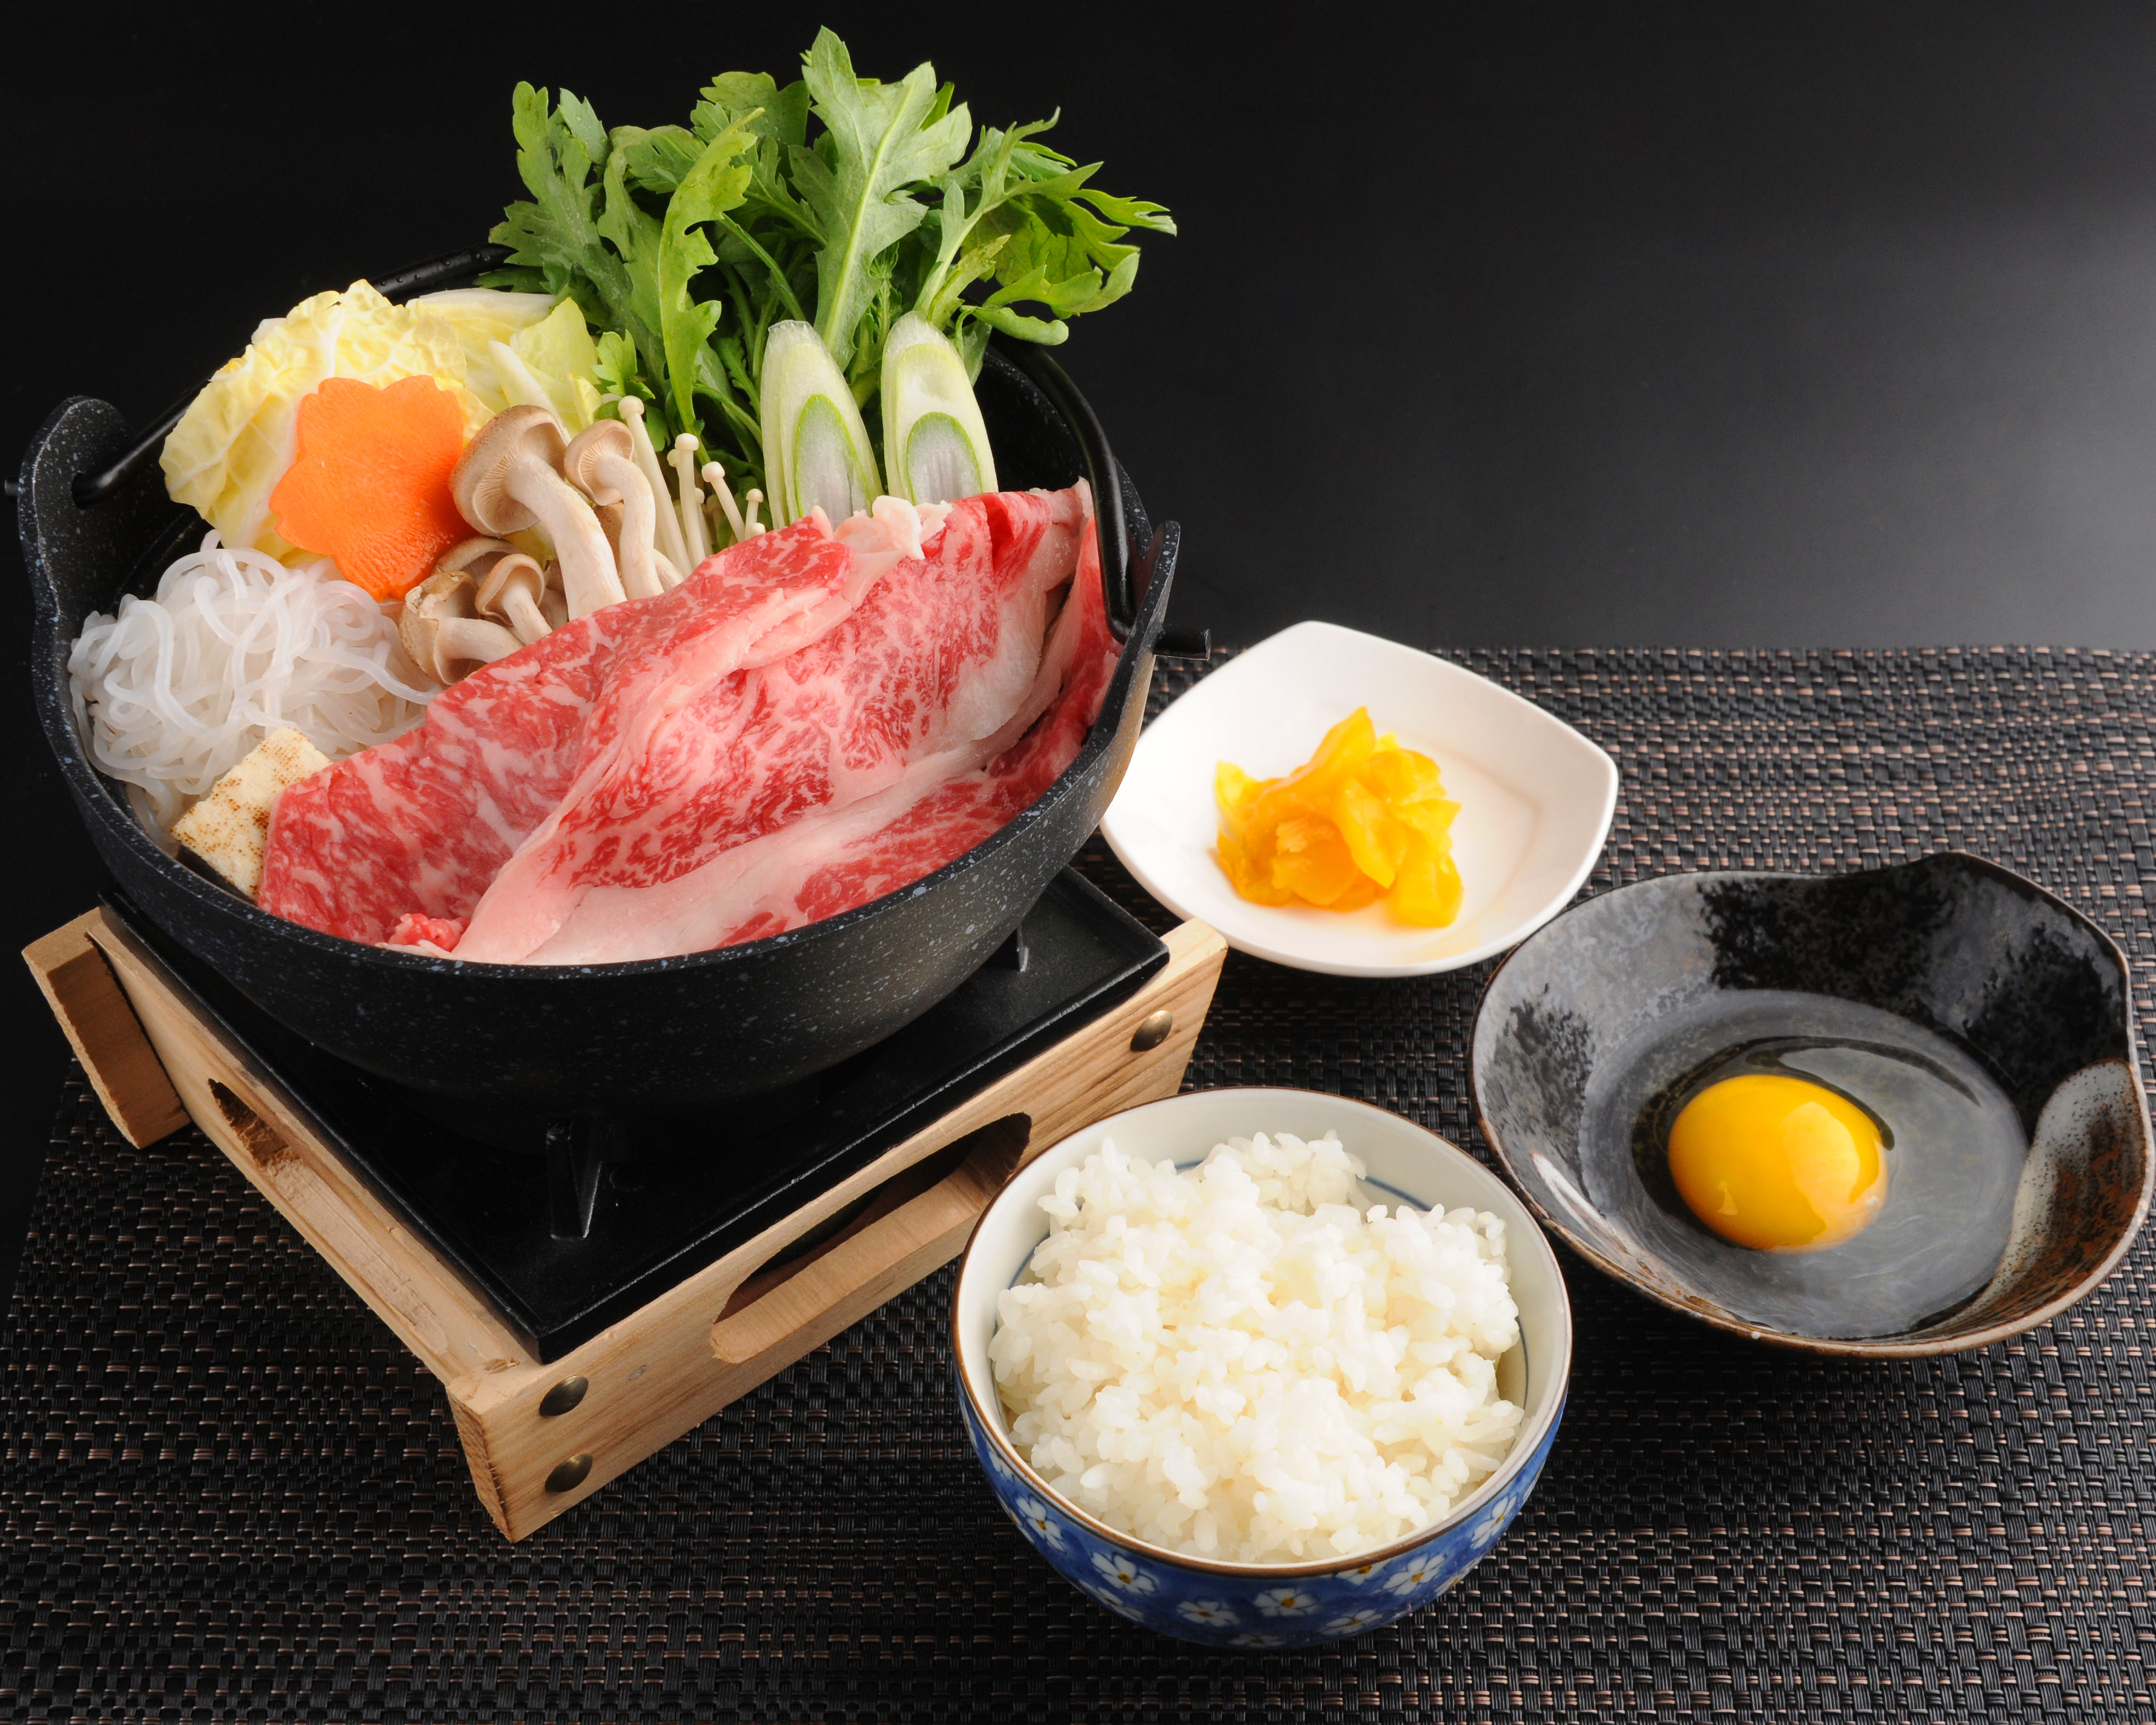 特選韓牛なべ定食 28,000ウォン